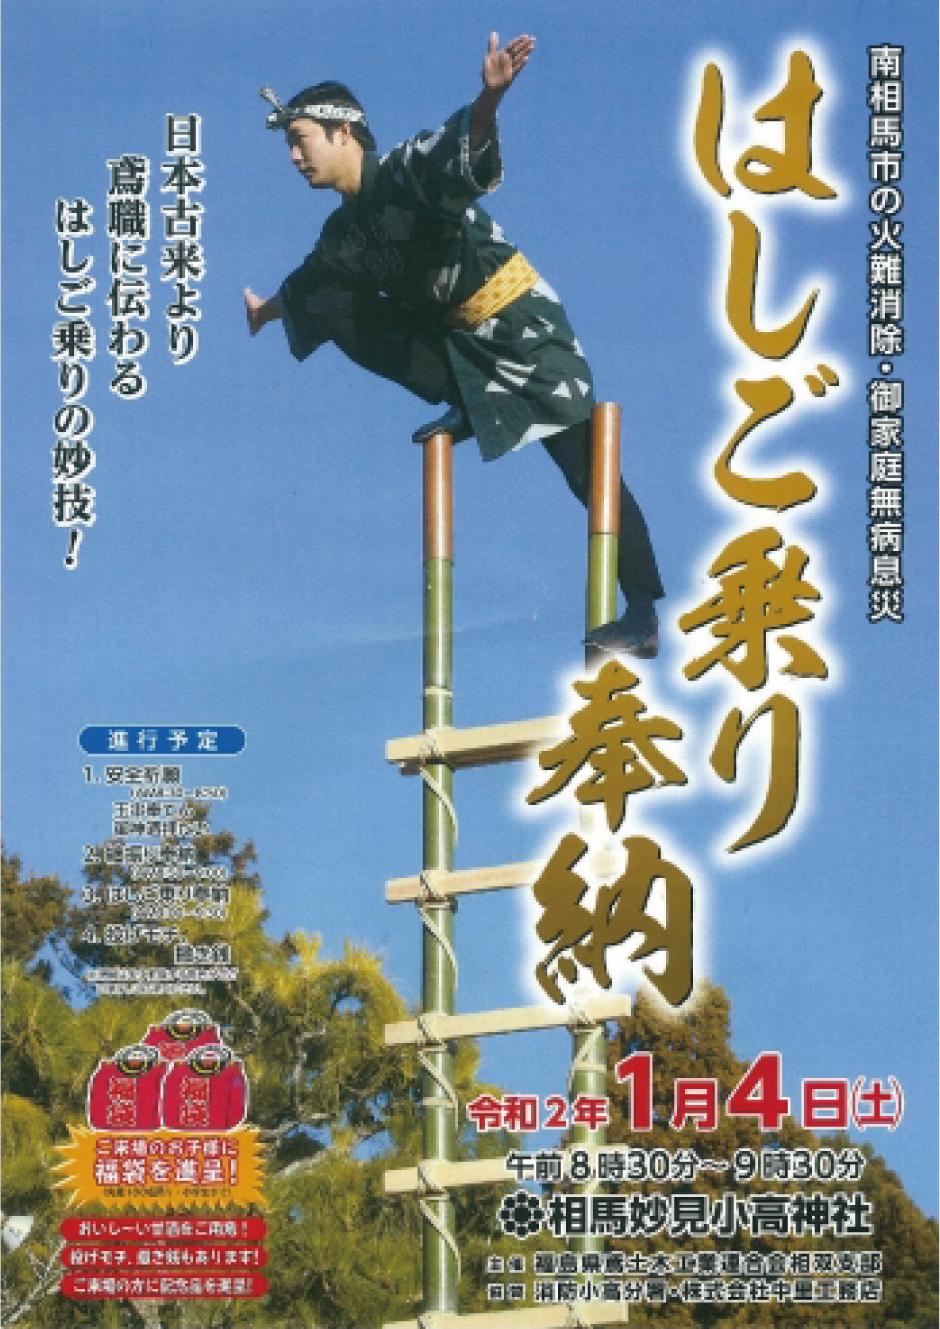 2020相馬妙見小高神社はしご乗り奉納 @ 相馬妙見小高神社